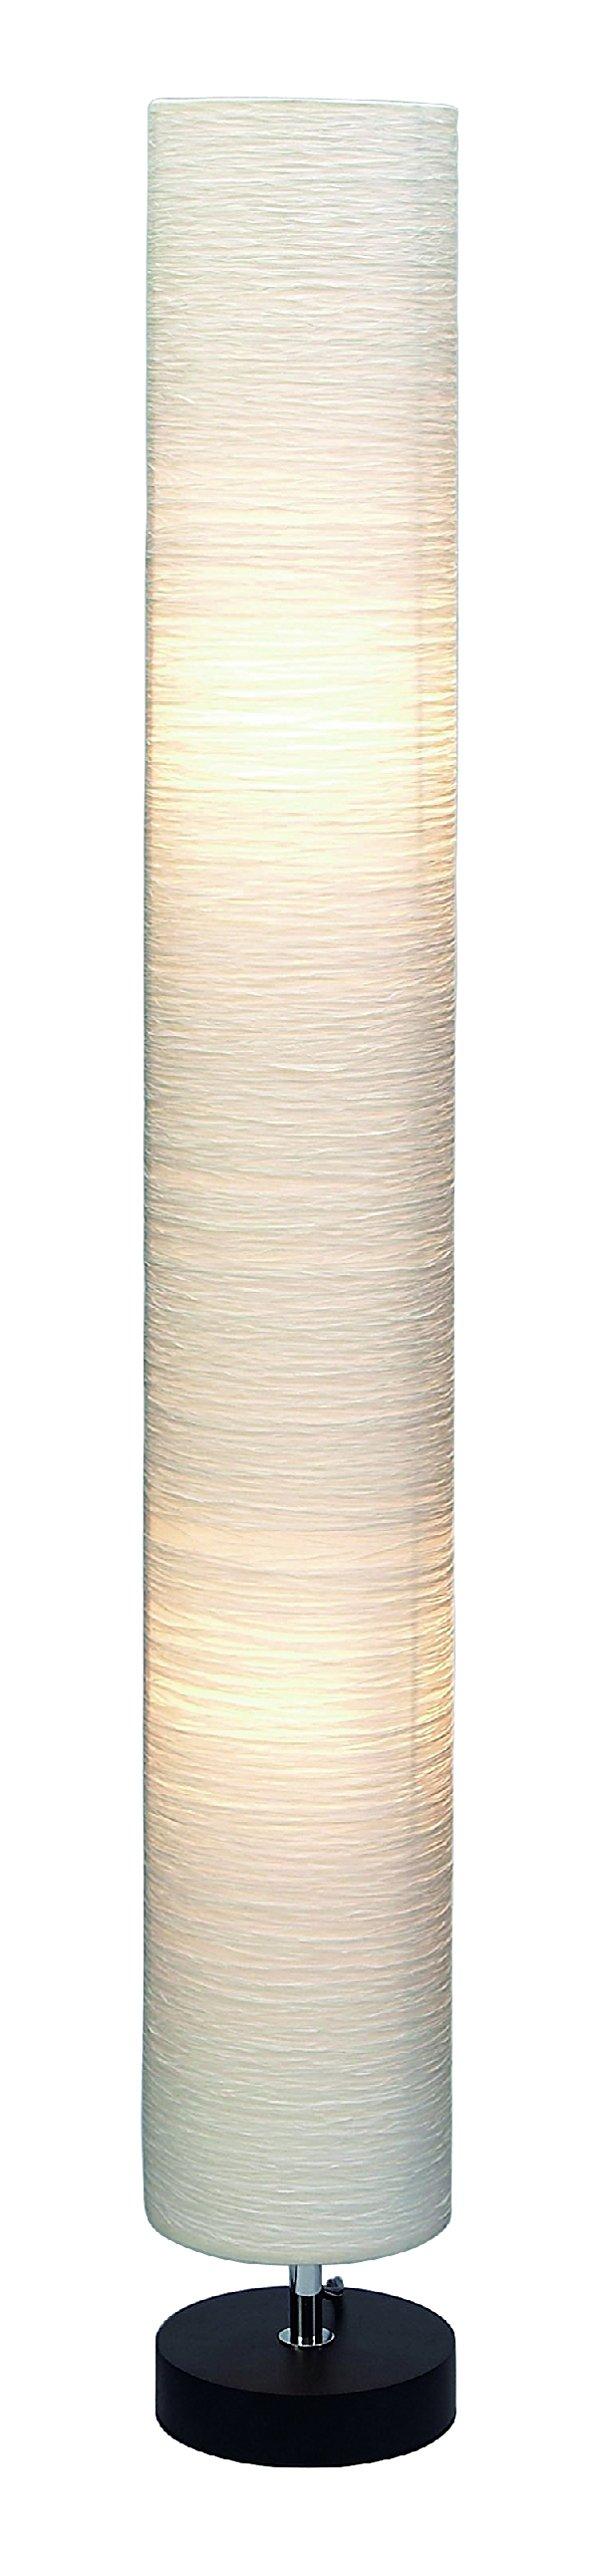 Deco 79 Wood Floor Lamp, 48-Inch